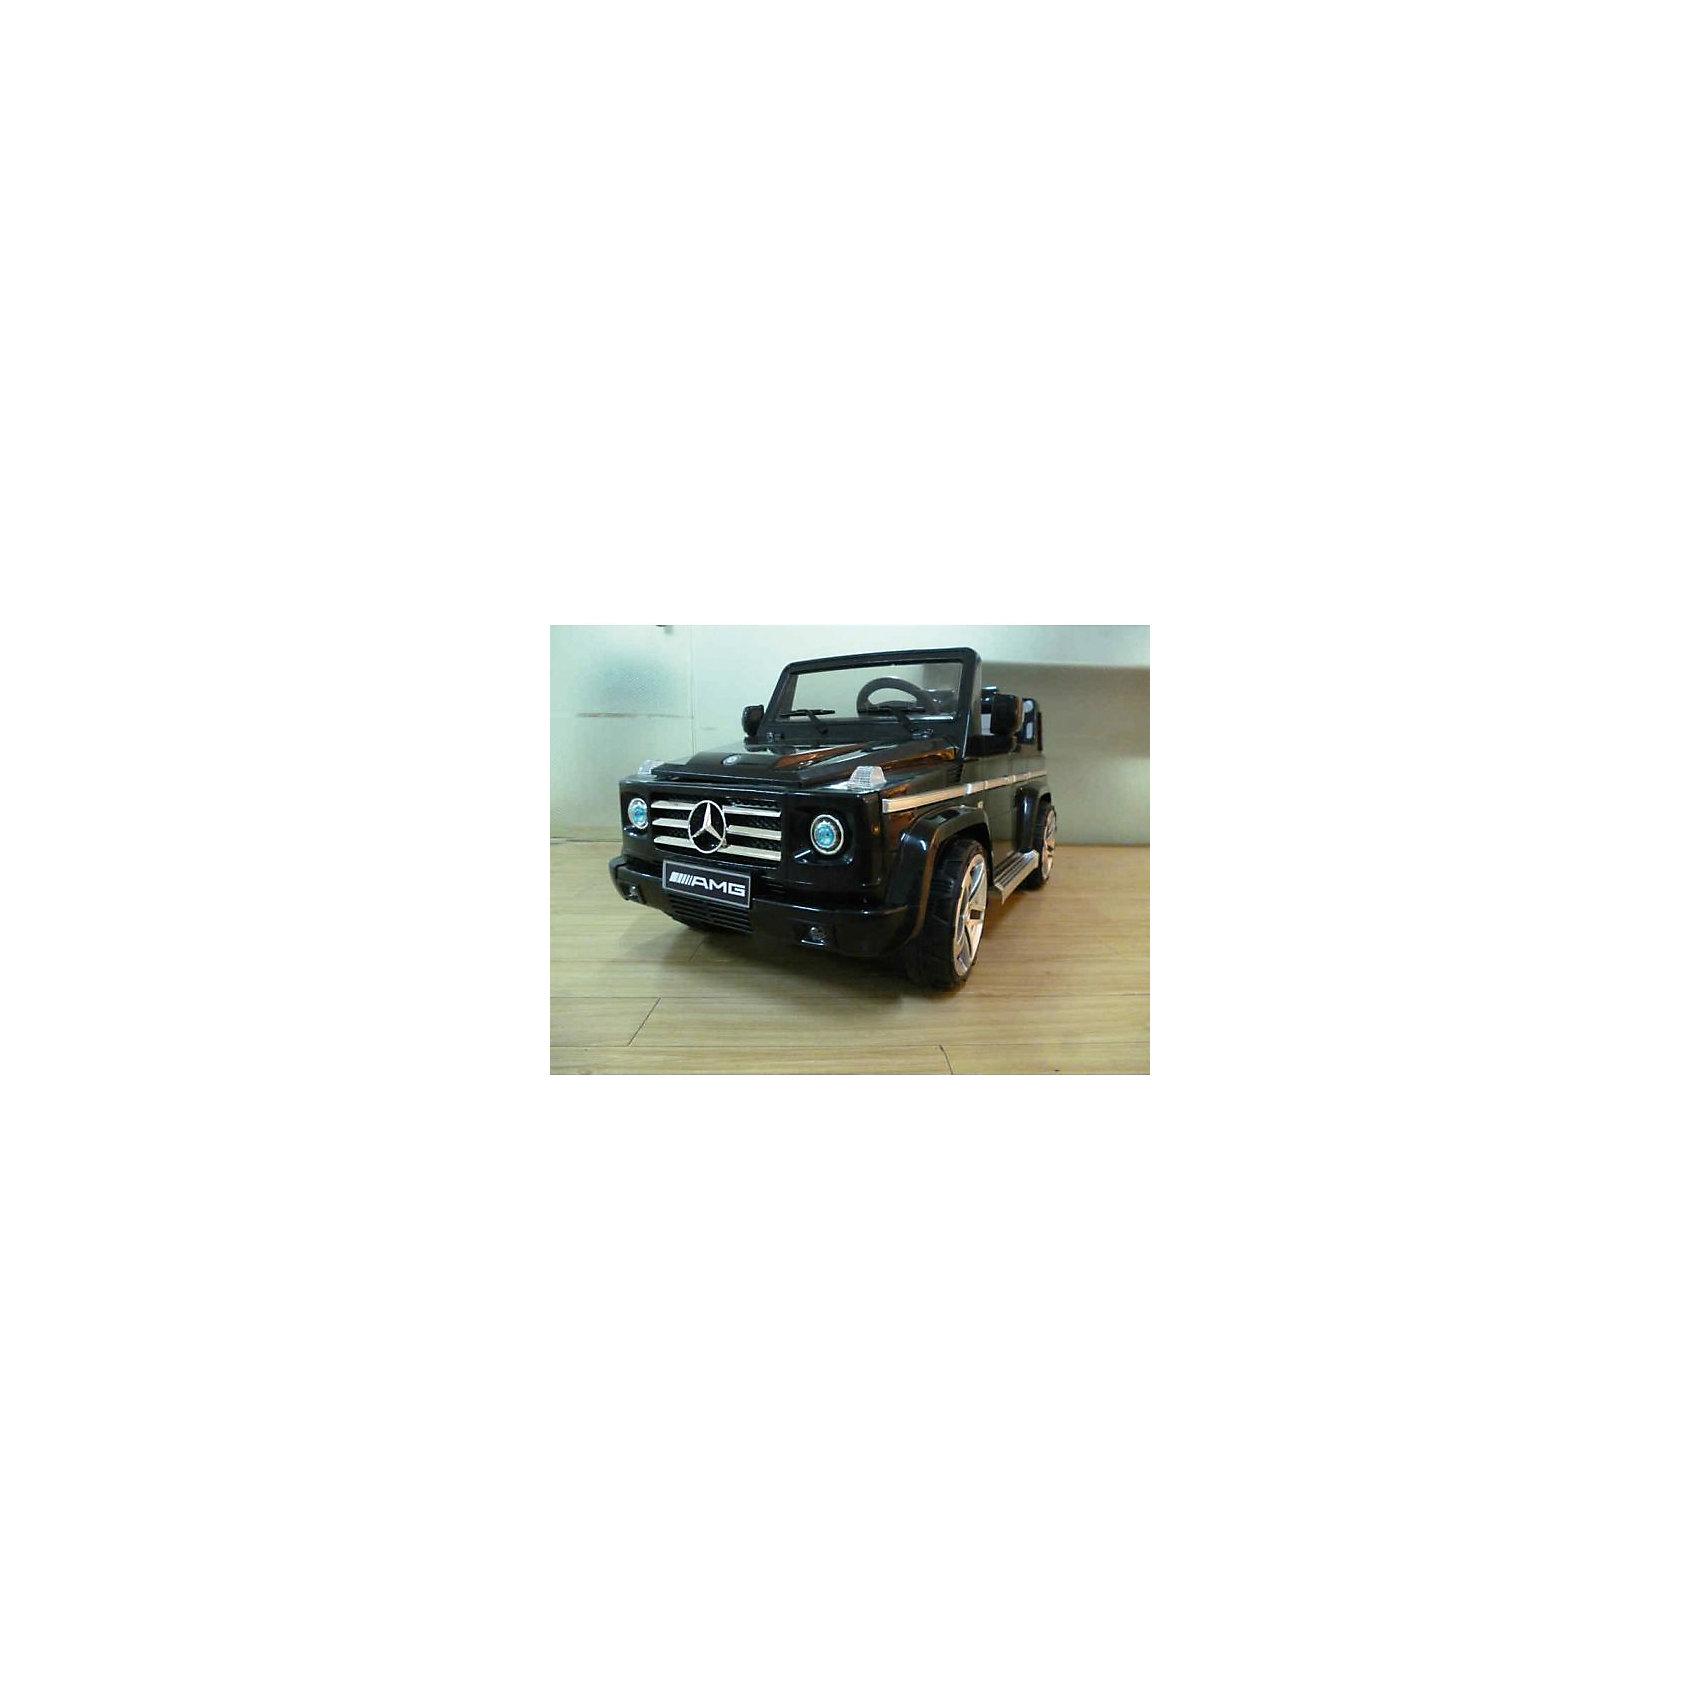 Джип Mercedes-Benz G55 AMG на аккумуляторе, BugatiИгрушки<br>Джип Mercedes-Benz на аккумуляторах с пультом ру- аккумулятор 12v7ah - 2 мотора по 35w- 2 скорости вперед и одна назад- колеса с резиновыми вставками- открываются двери- руль на батарейках- ремни безопасности- индикатор заряда аккумулятора- габариты: 132х66х59 см- максимальная скорость - 6 км/час- максимальная нагрузка - 30 кг- вес-нетто: 19,5 кг.<br><br>Ширина мм: 600<br>Глубина мм: 660<br>Высота мм: 1320<br>Вес г: 23500<br>Возраст от месяцев: 60<br>Возраст до месяцев: 108<br>Пол: Унисекс<br>Возраст: Детский<br>SKU: 5530239